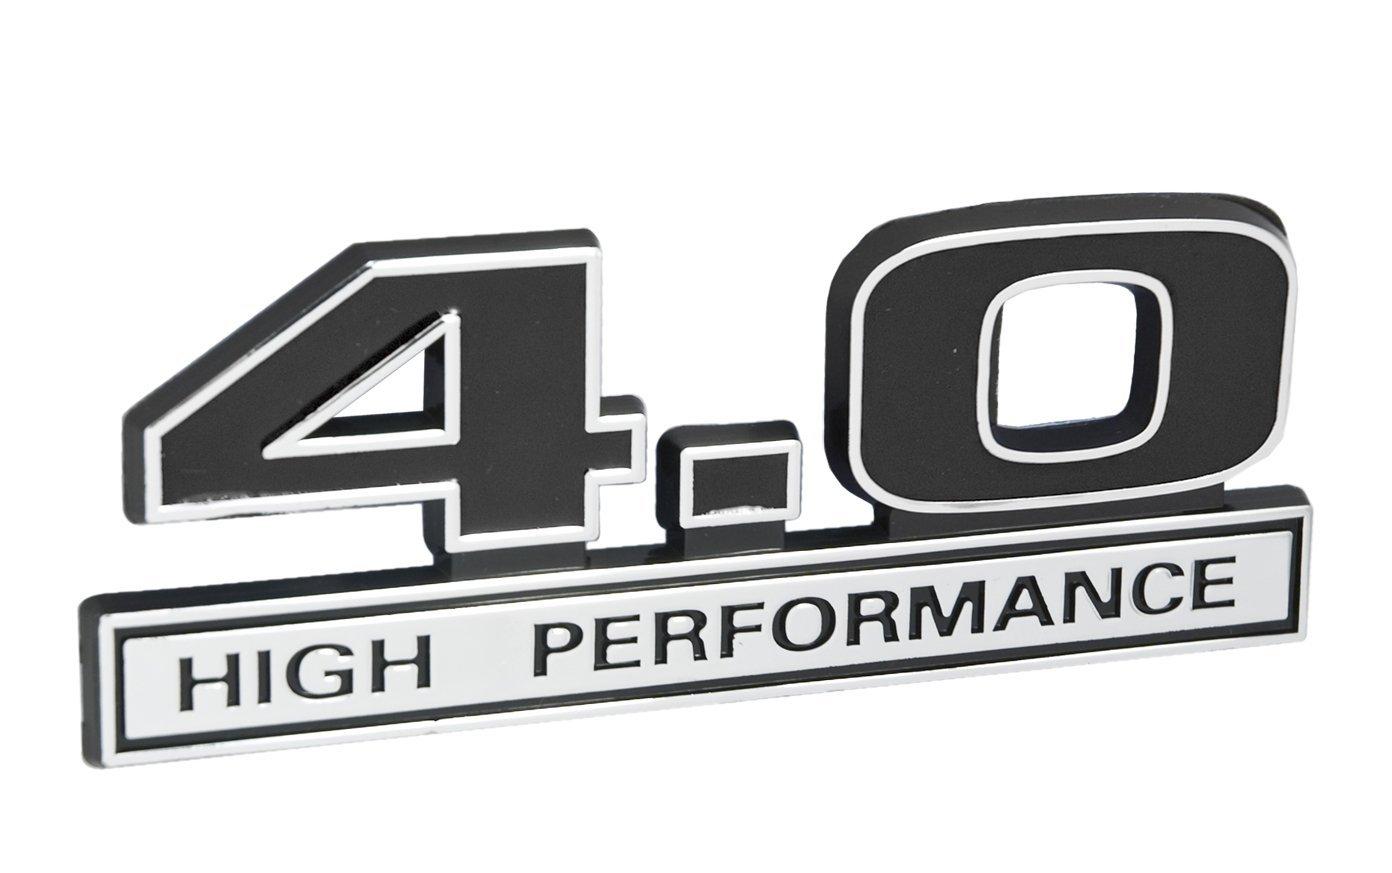 40 Liter V6 High Performance Engine Emblem In Chrome Jeep 4 0 Stroker For Sale Black 5 Long Automotive